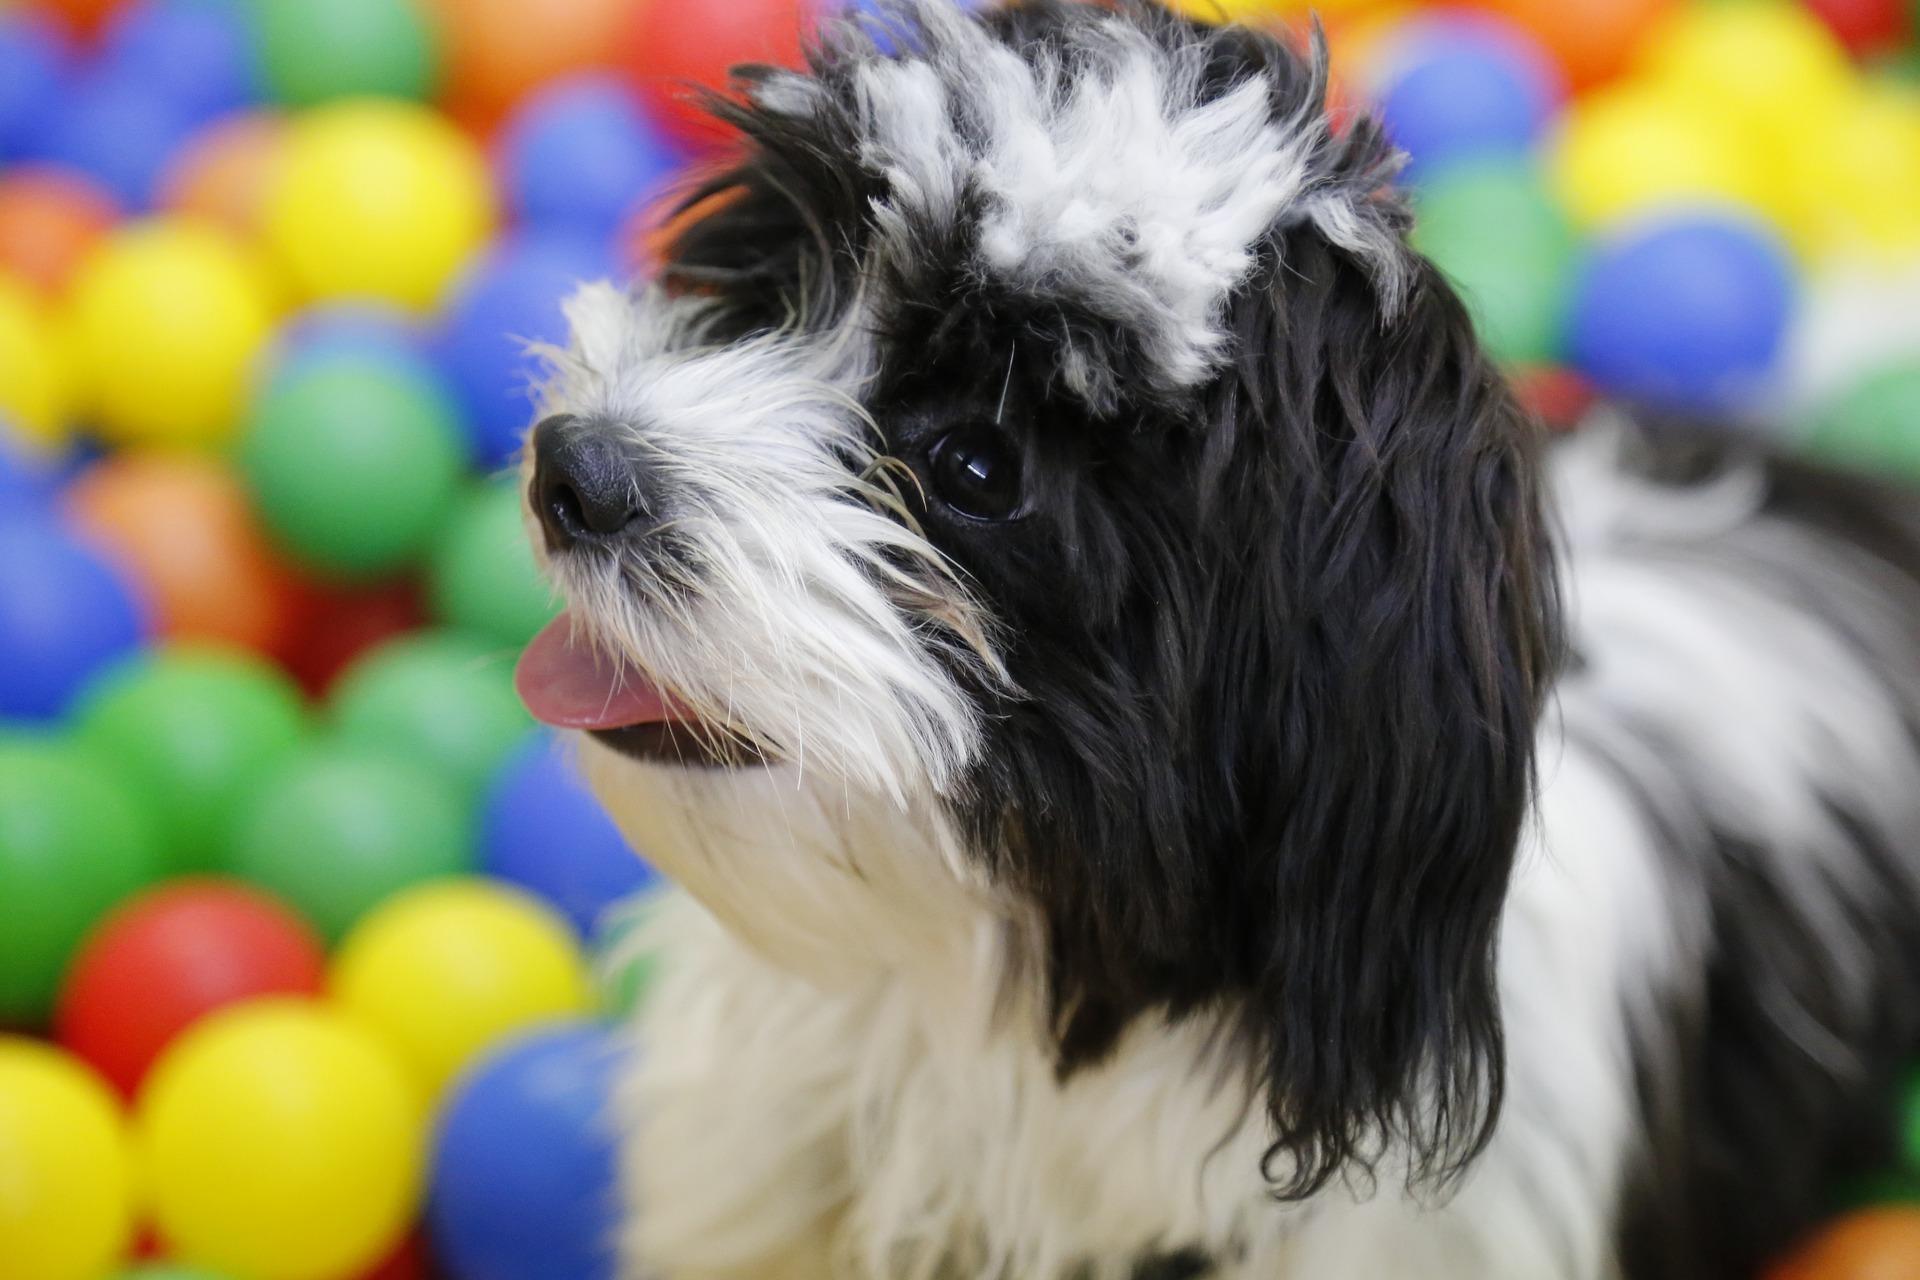 Hawańczyk to bardzo towarzyski pies, uwielbia kontakt z ludźmi, a przy tym jest chętny i podatny na naukę.